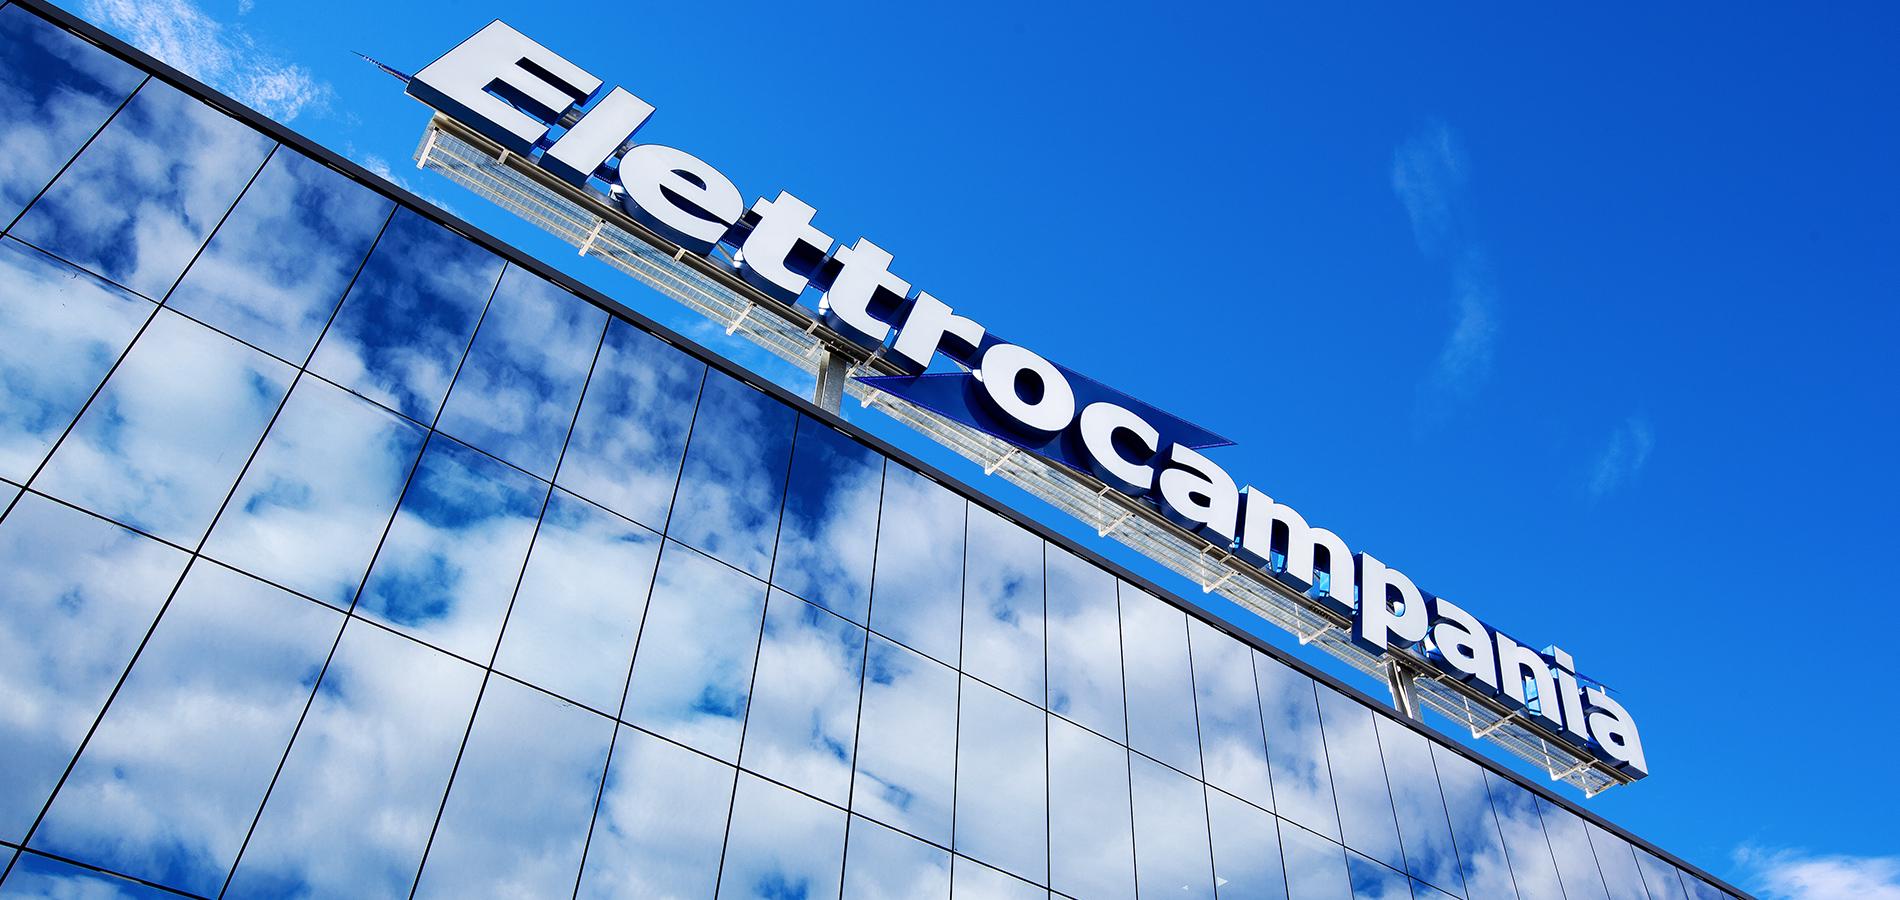 Negozi Lampadari Caserta E Provincia materiale elettrico caserta   distribuzione e vendita